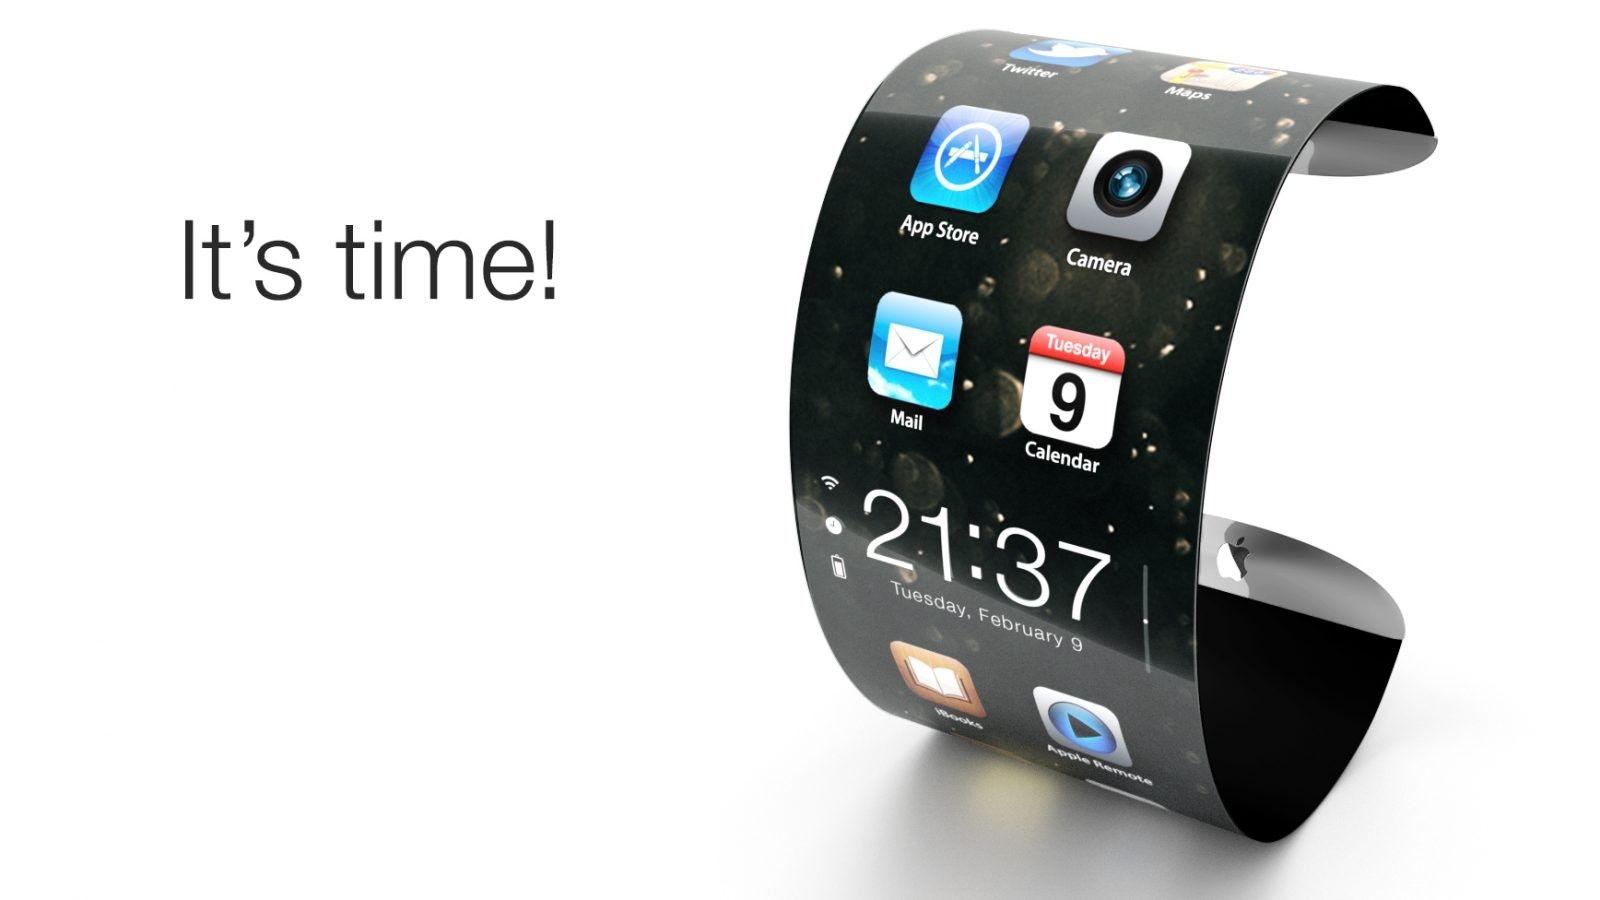 Nowe szkło Gorilla Glass i zegarek iWatch